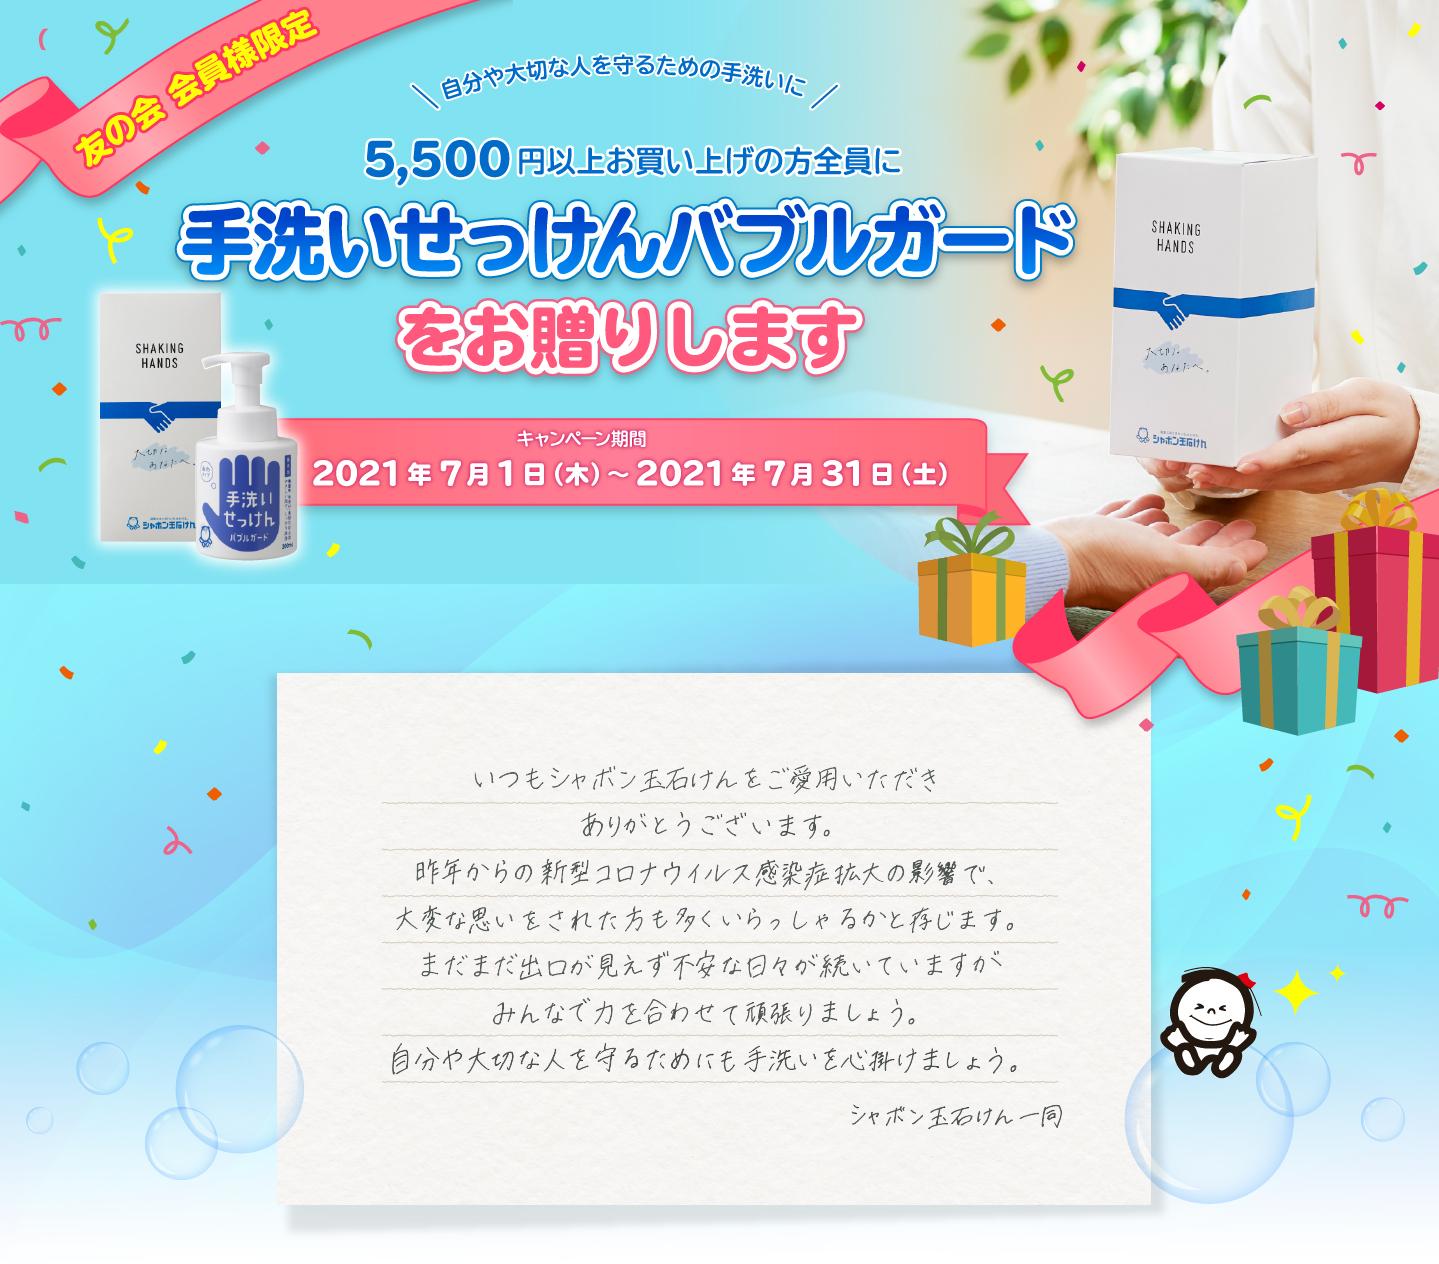 友の会 会員様限定 自分や大切な人を守るための手洗いに 5,500円以上お買い上げの方全員に手洗いせっけんバブルガードをお贈りします